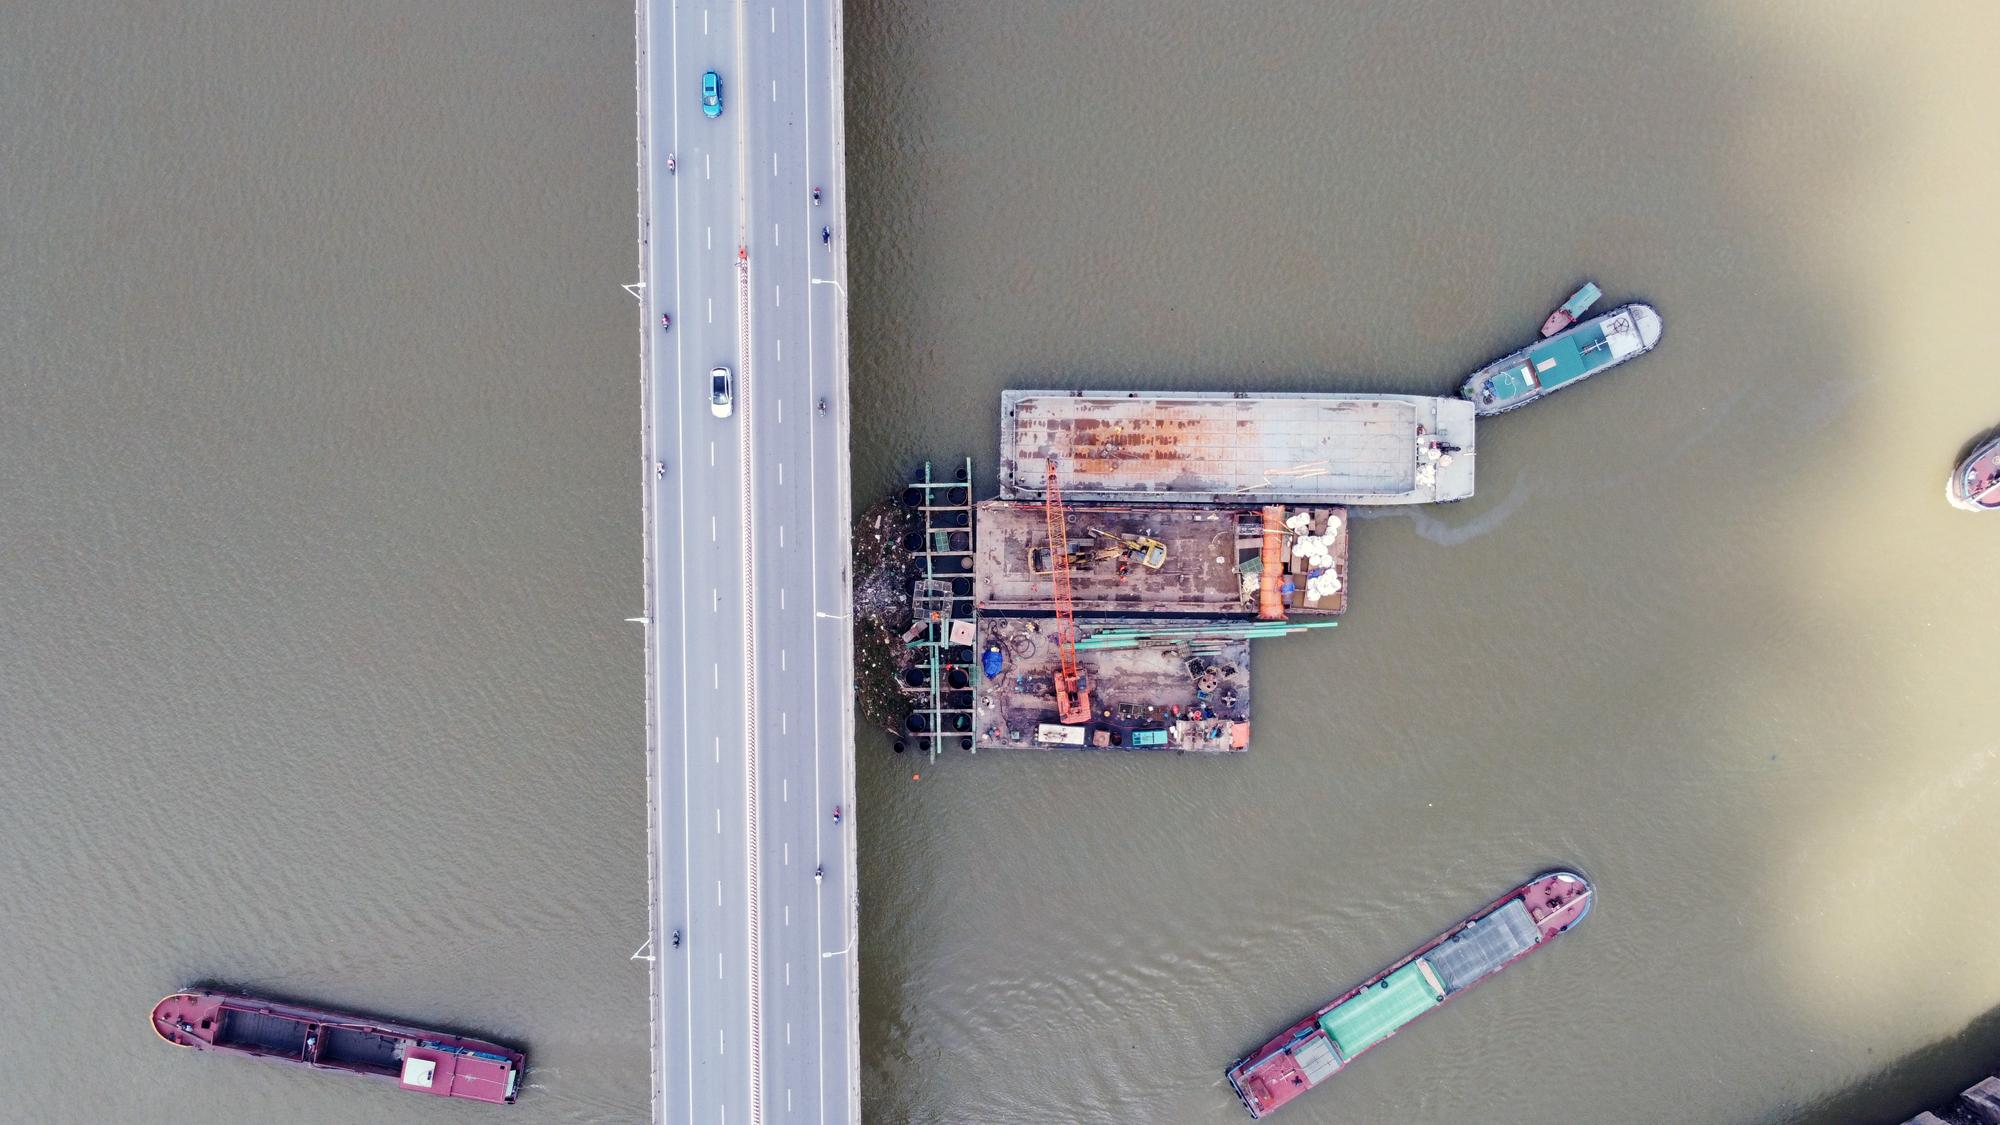 Hình ảnh dự án giao thông trọng điểm của Hà Nội thi công khi giãn cách xã hội - Ảnh 5.